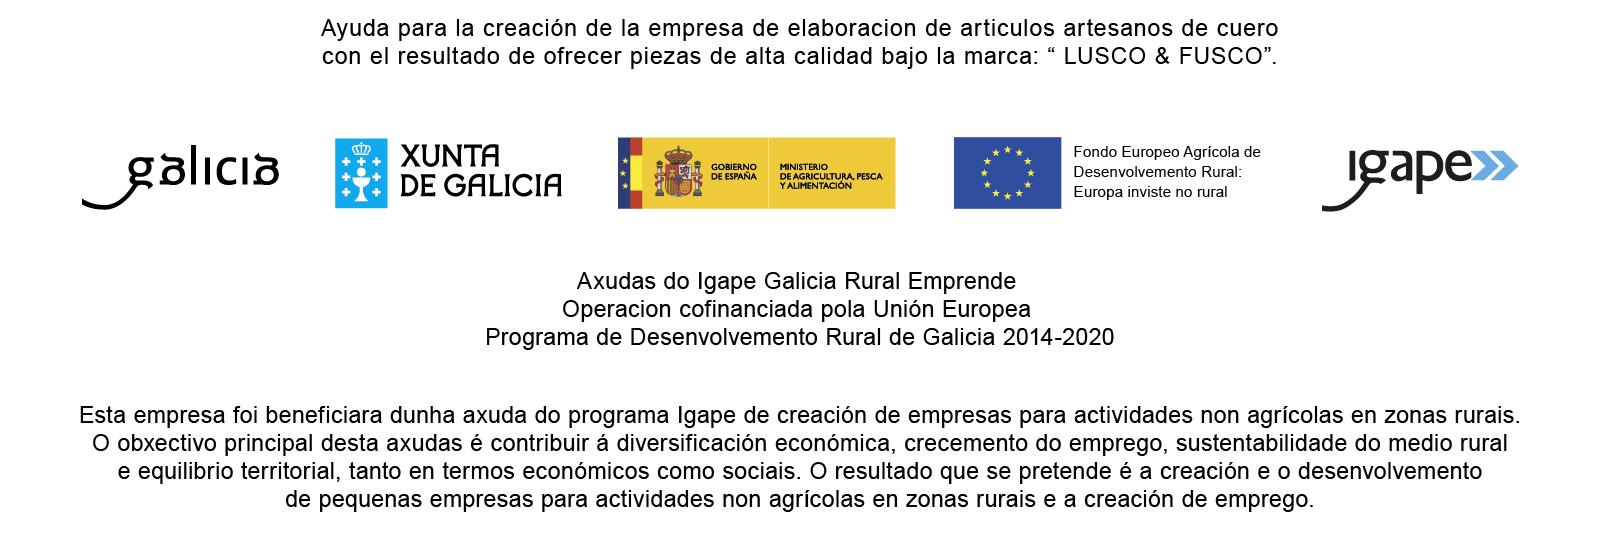 logos-axuda-galicia-rural-emprende